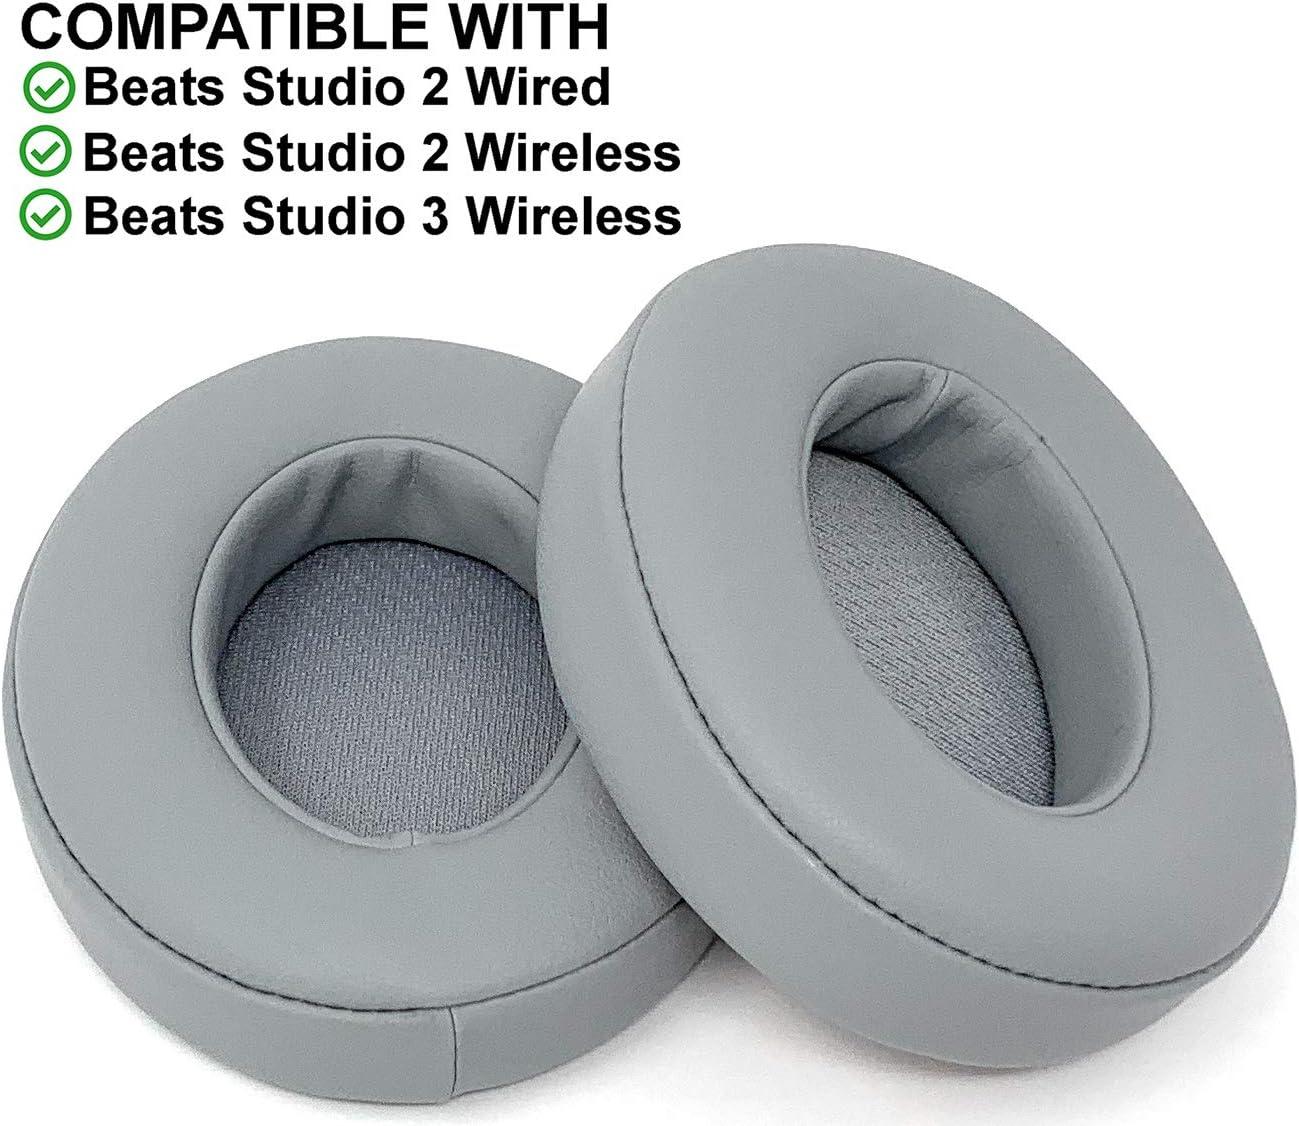 xperTEK - Almohadillas de Repuesto para Auriculares inalámbricos Beats Studio 2.0 y Studio 3, Color Gris: Amazon.es: Electrónica